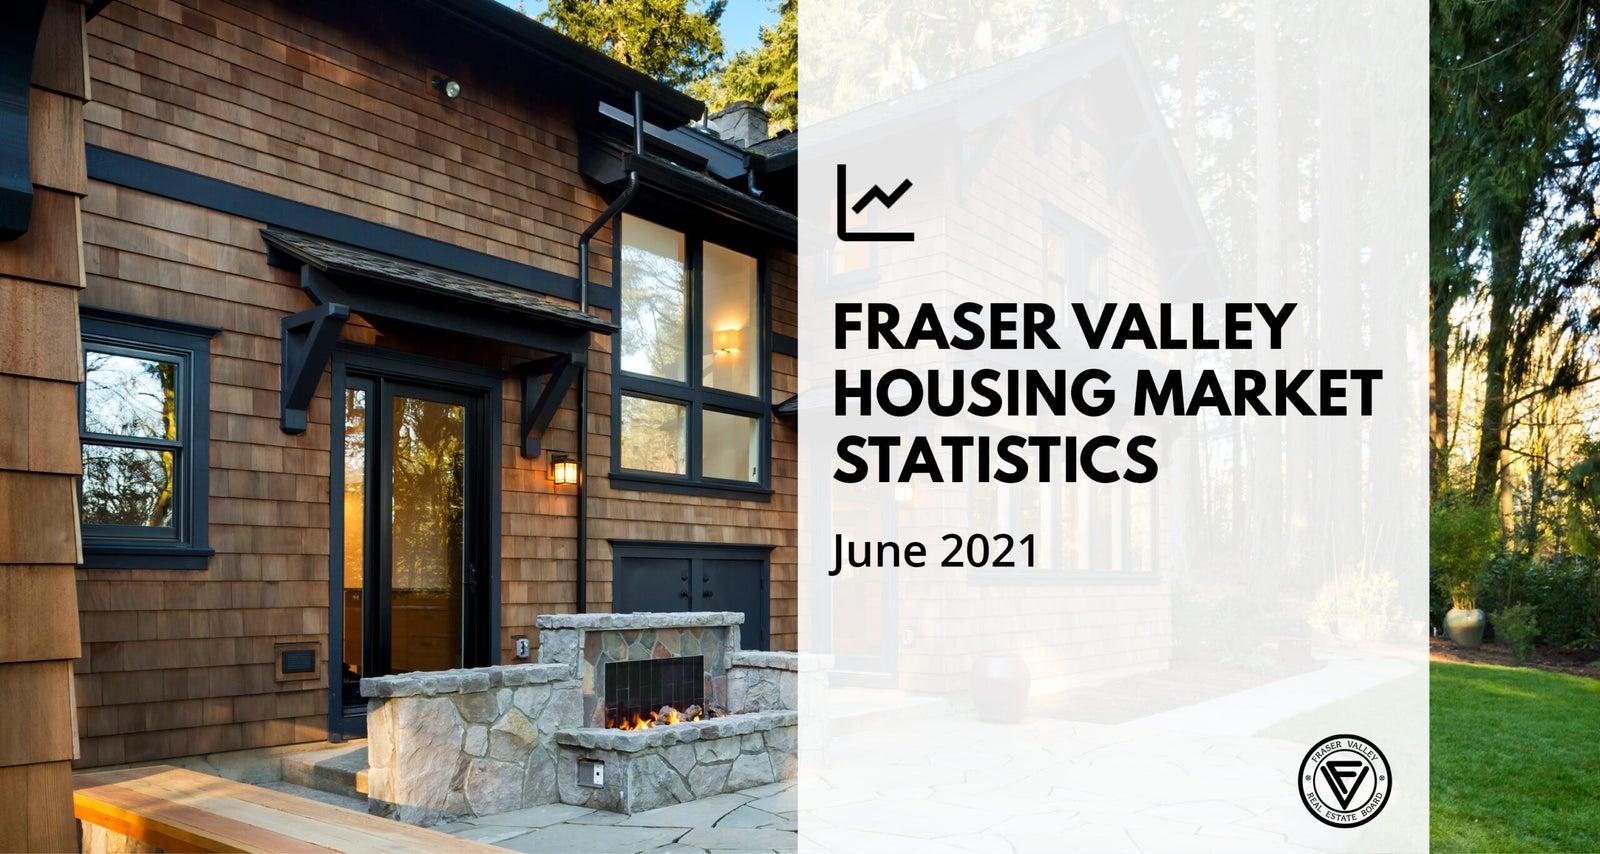 Fraser Valley Housing Market Statistics for June 2021